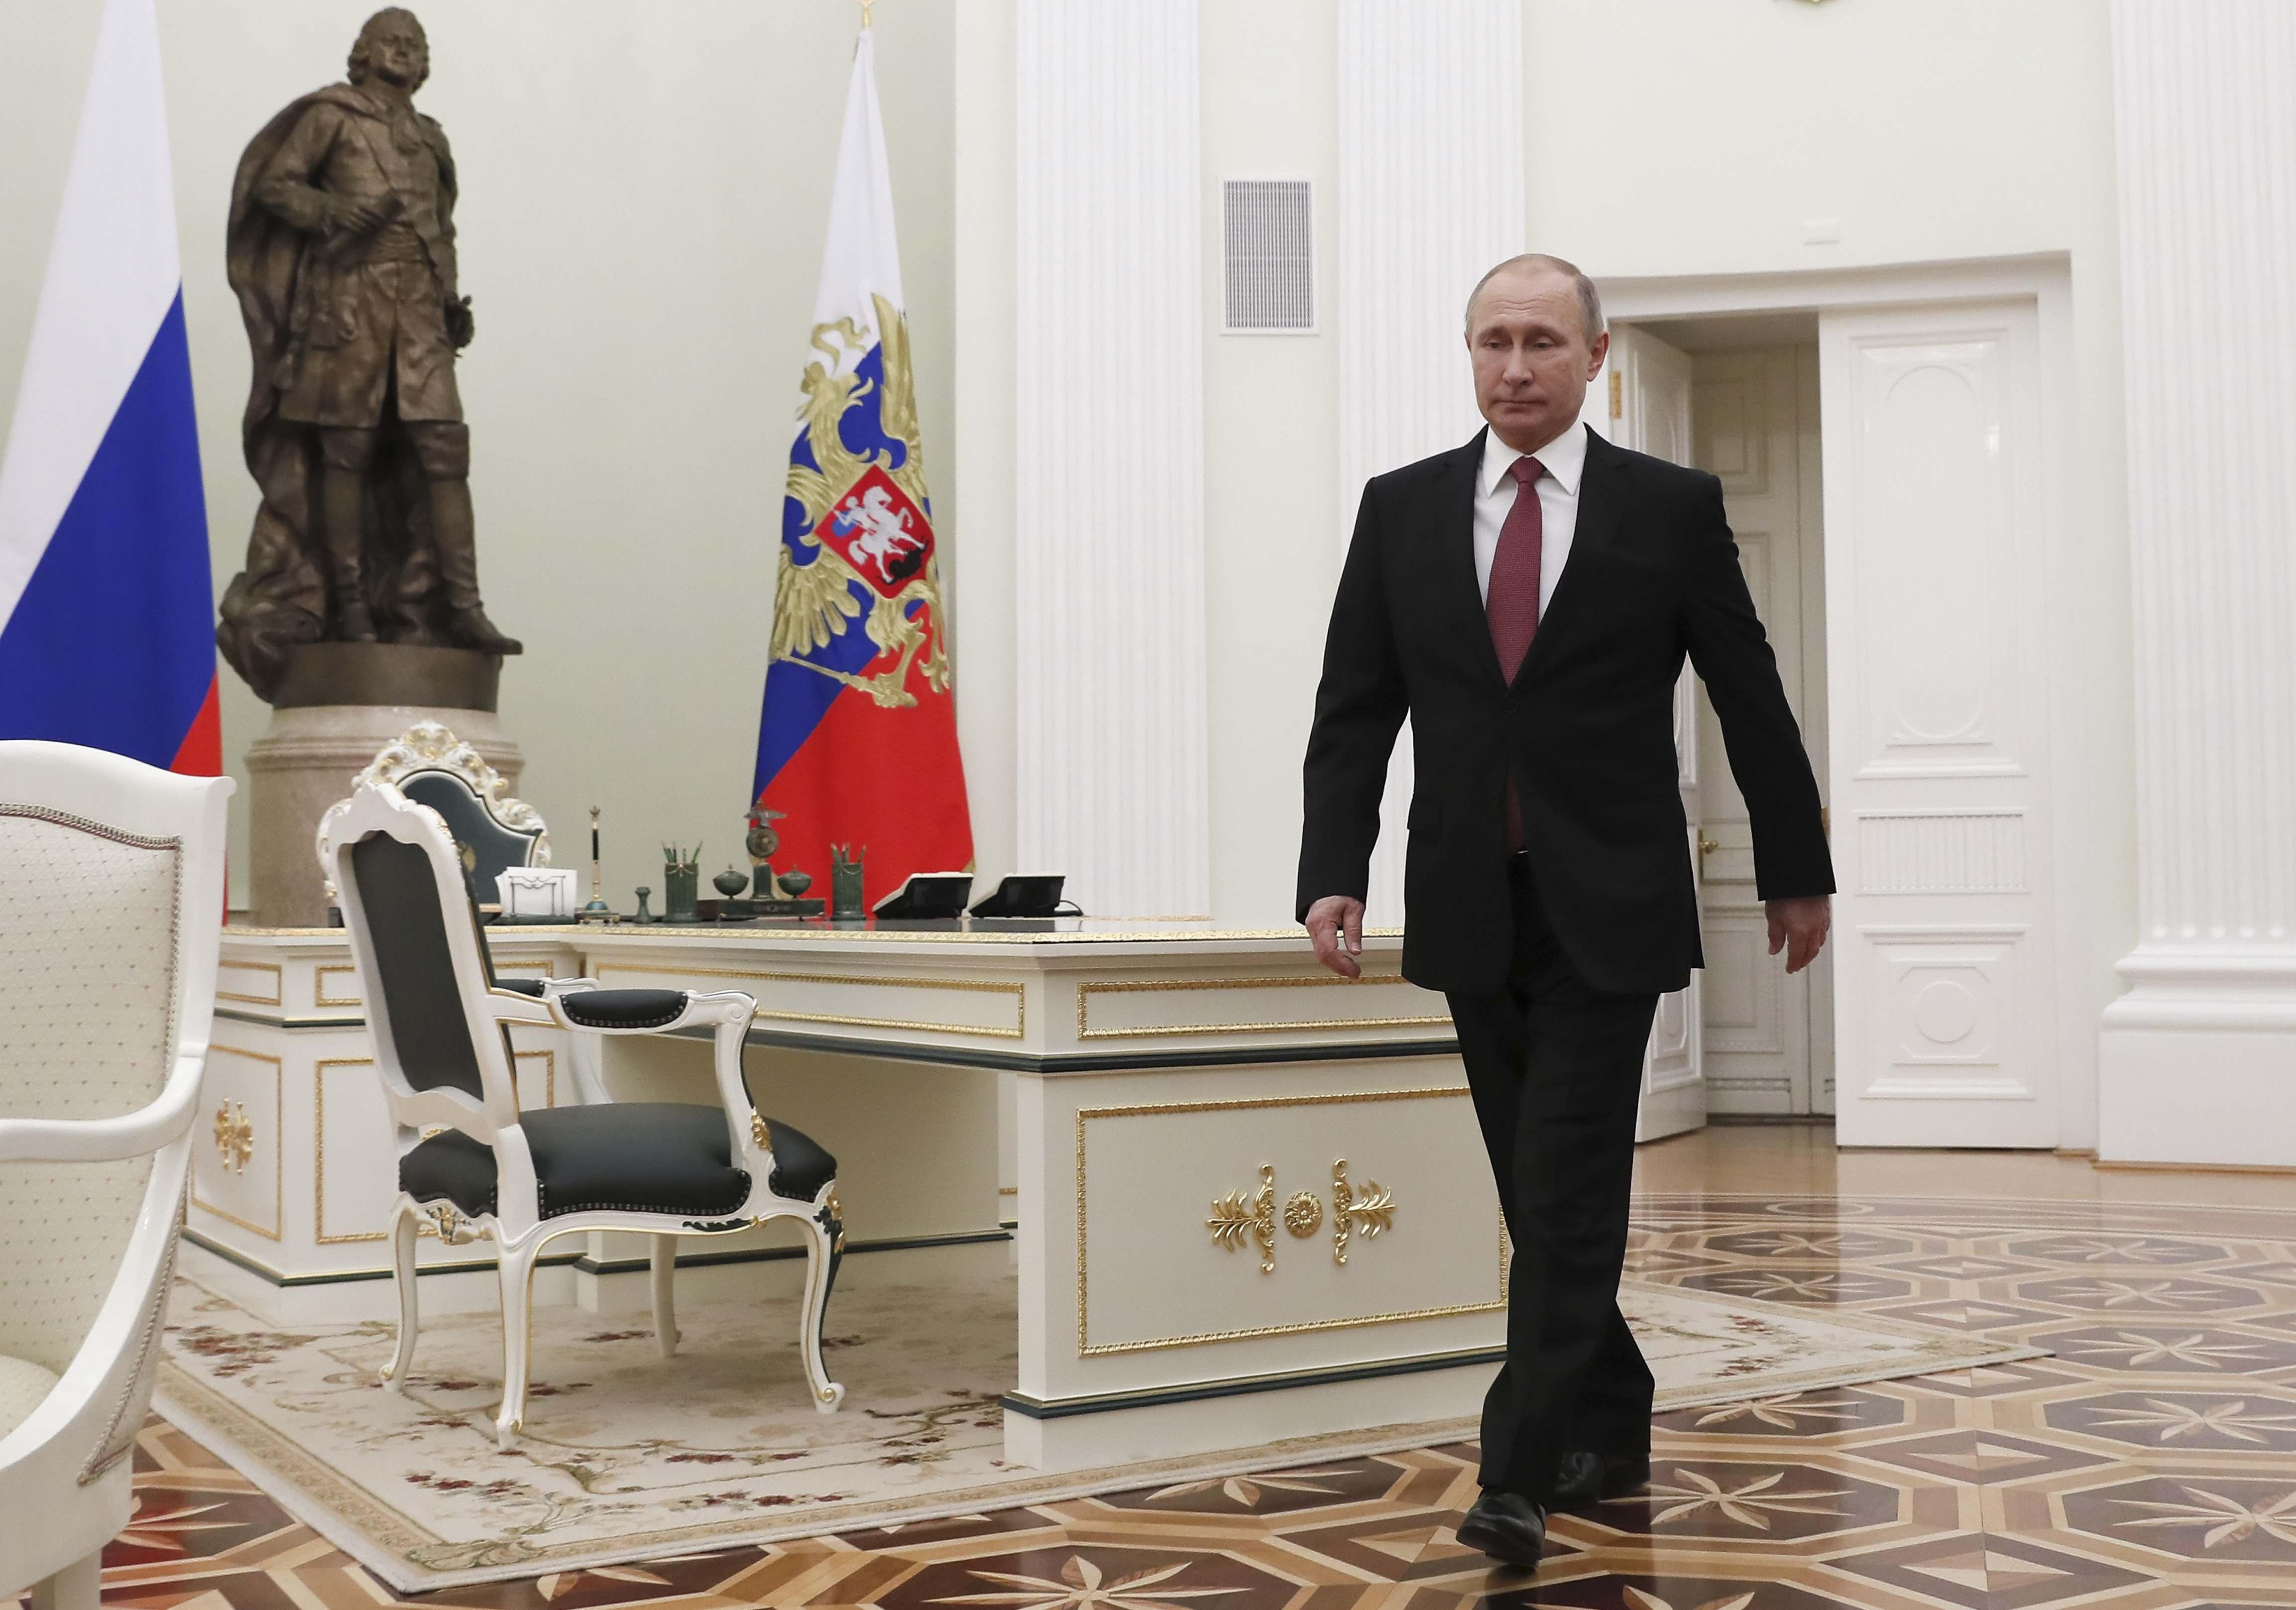 Владимир Путин снова станет президентом РФ, считает эксперт